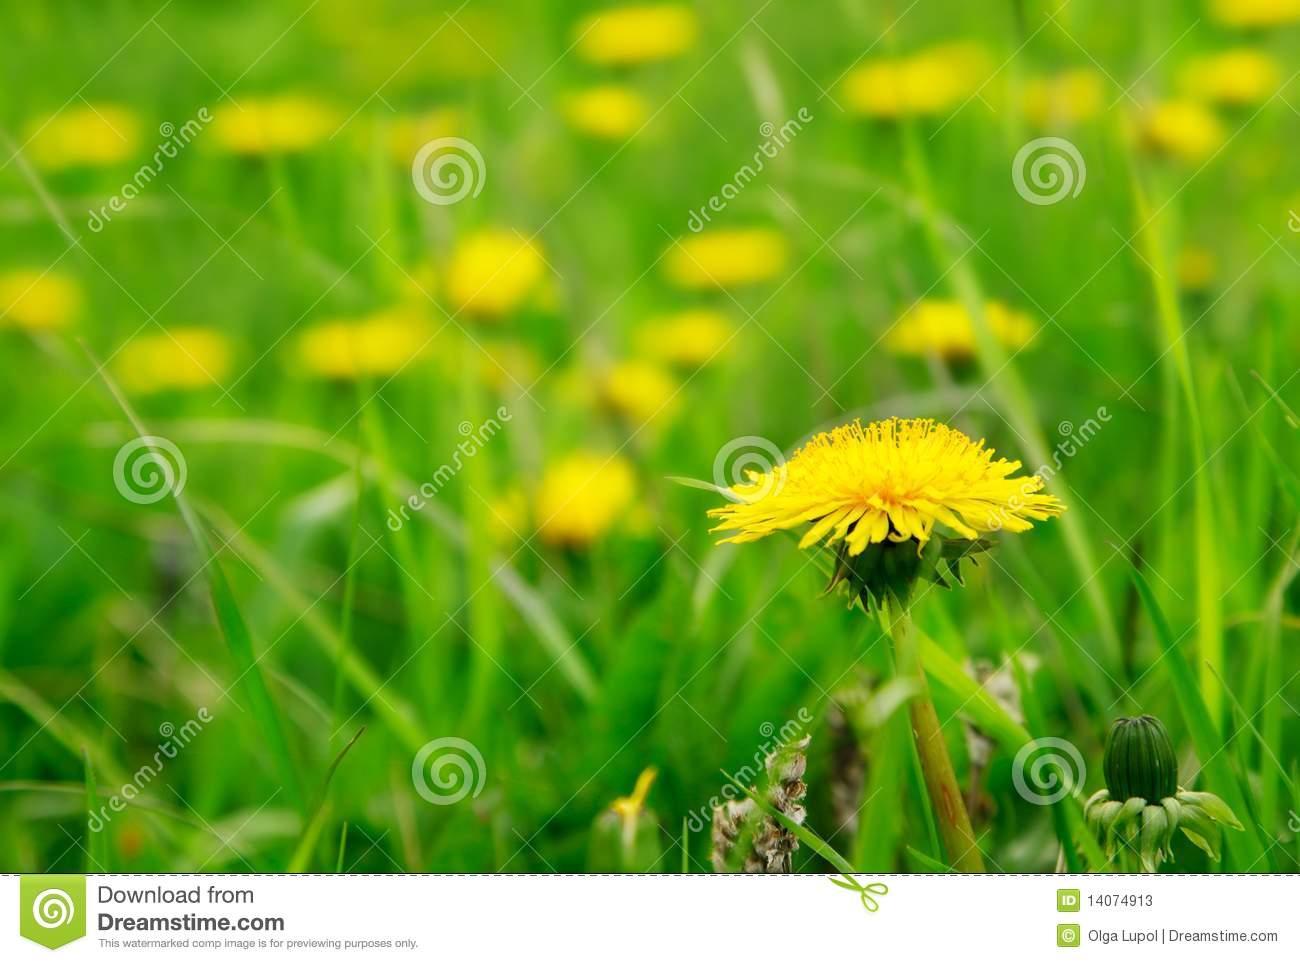 Газонные цветы желтого цвета фото